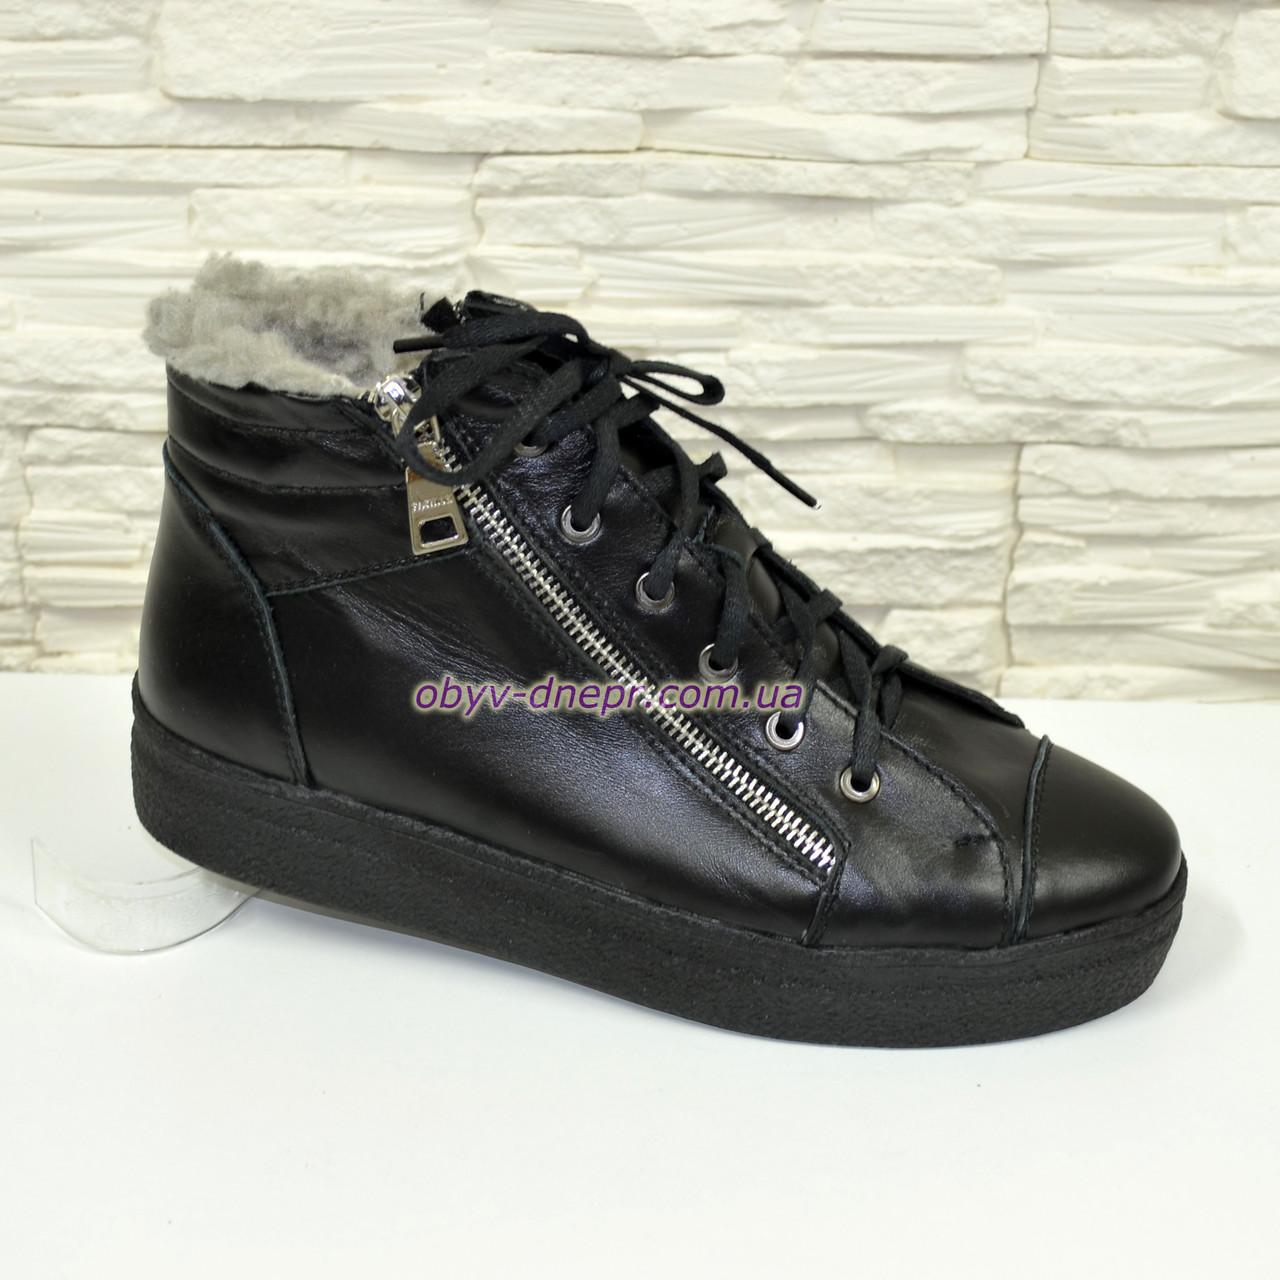 Ботинки женские зимние, из натуральной кожи черного цвета, на плоской подошве